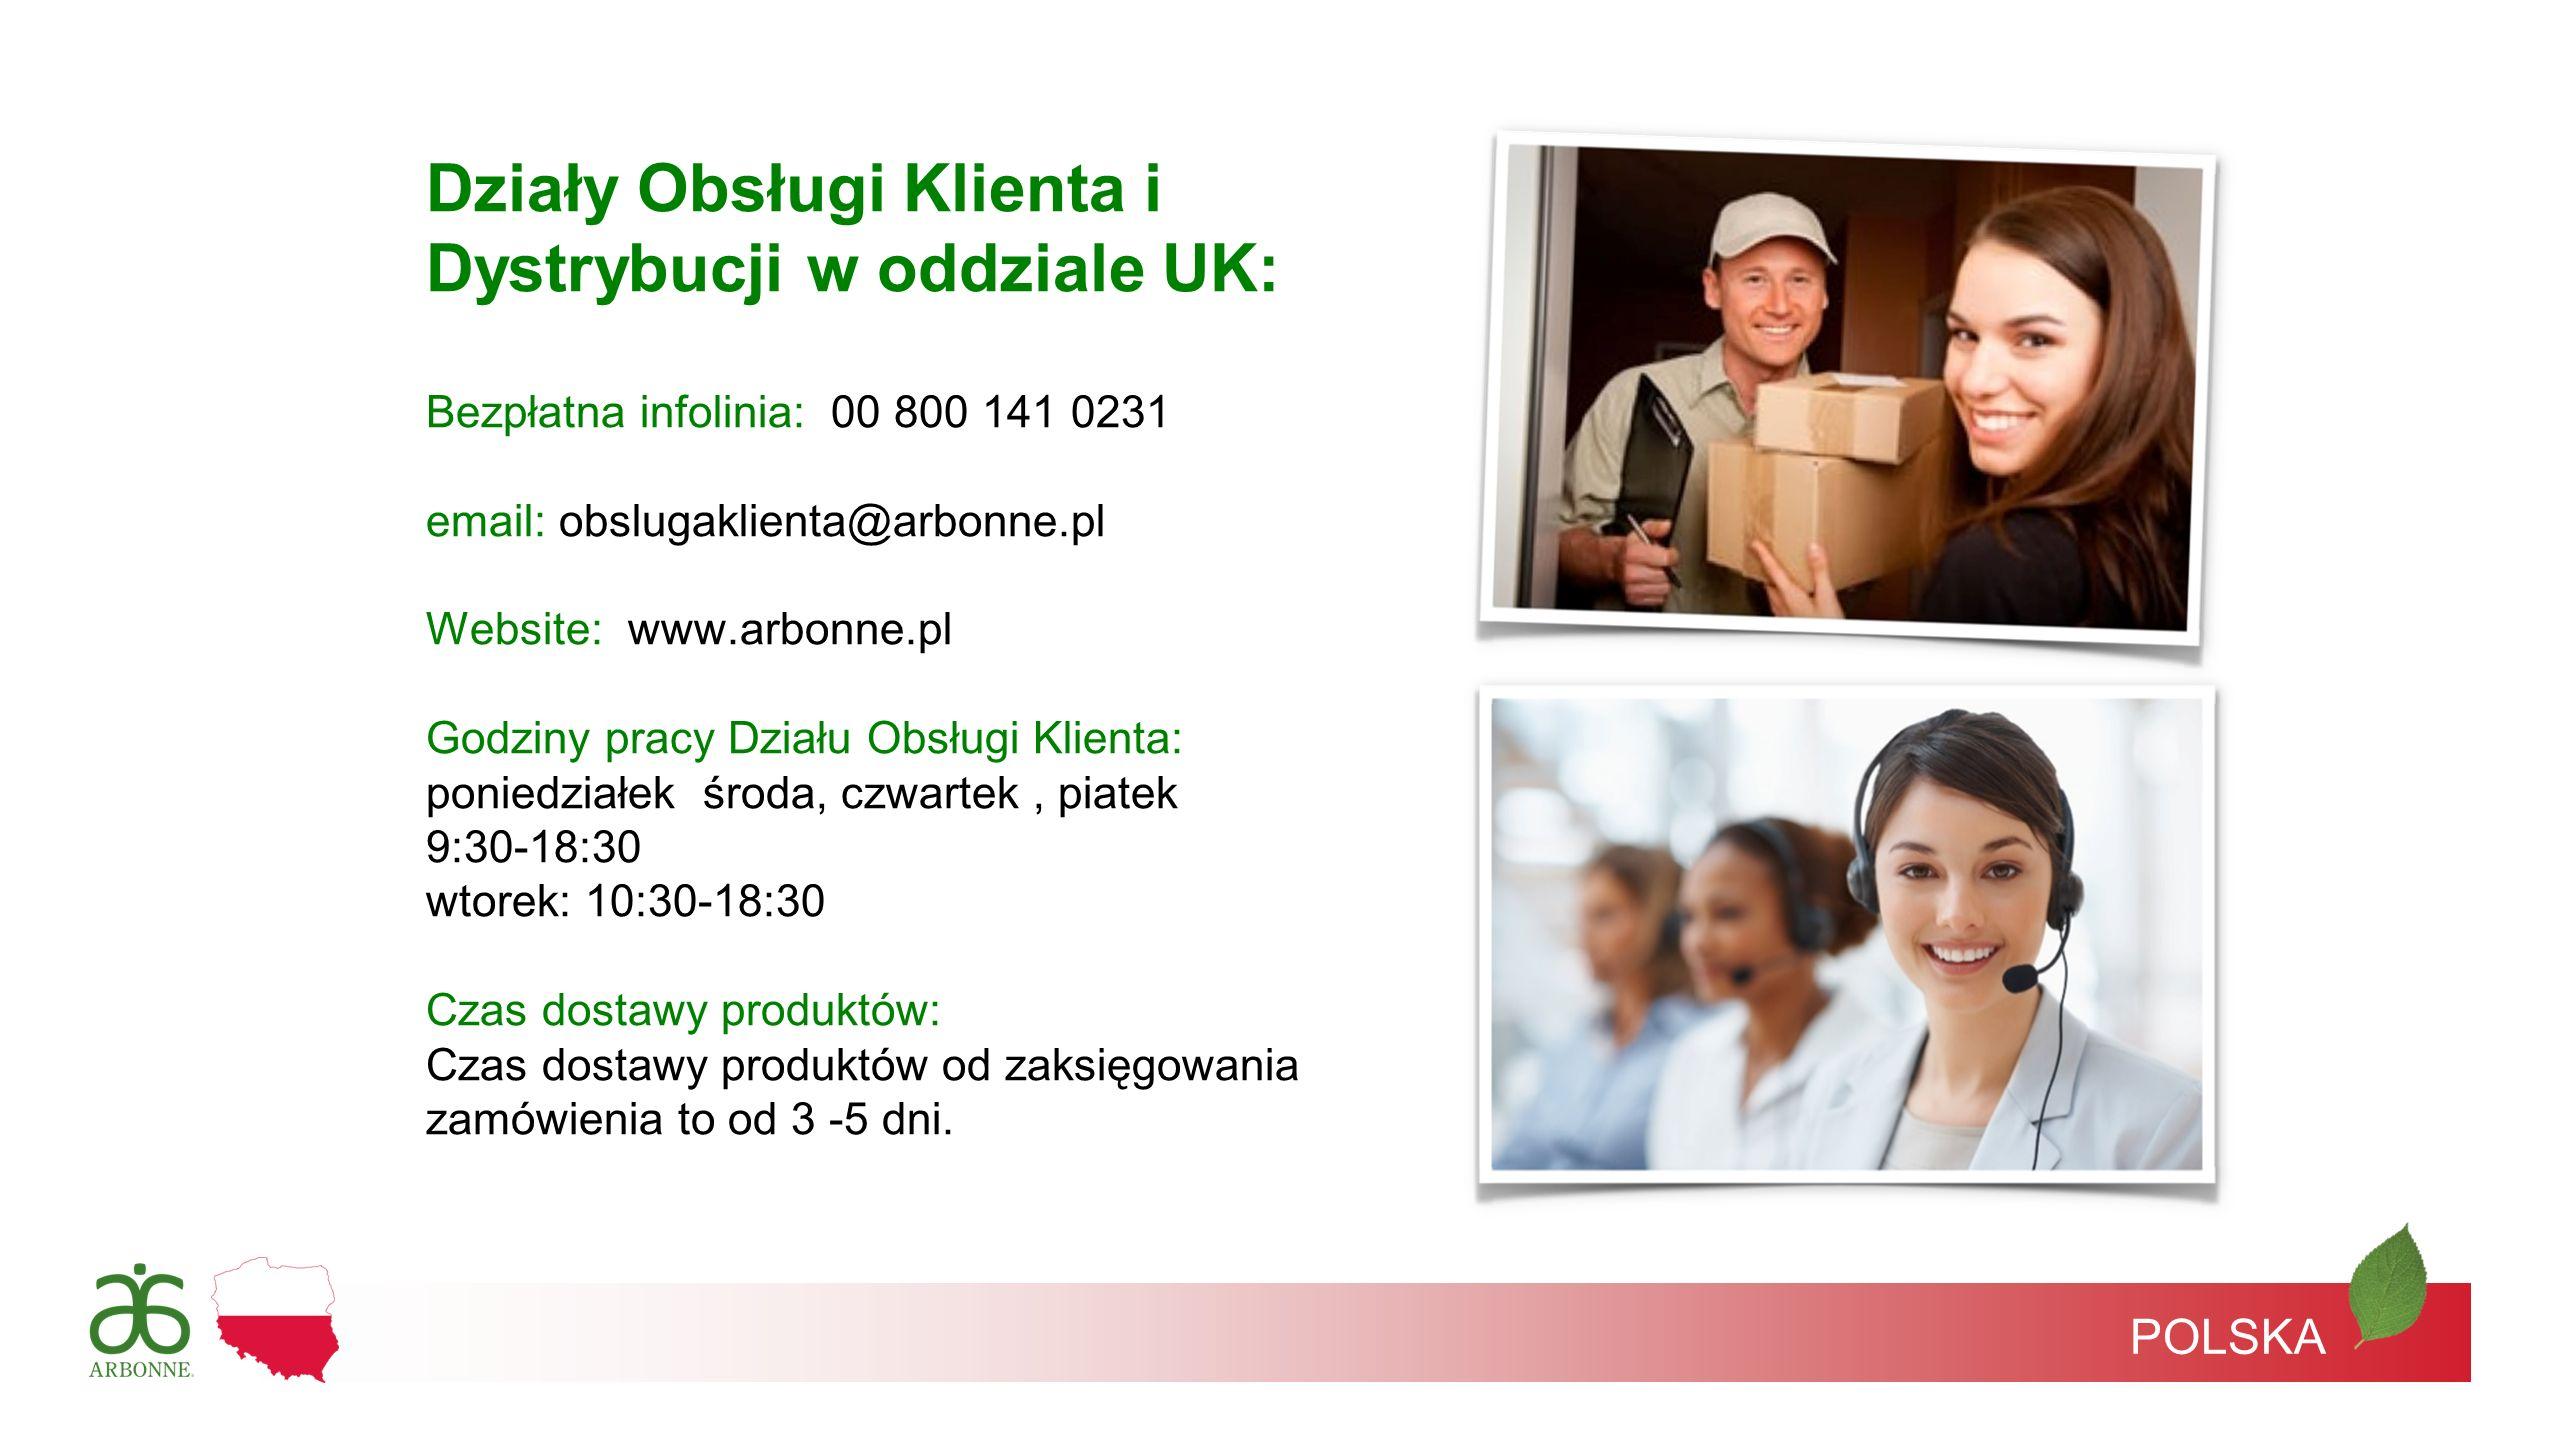 Działy Obsługi Klienta i Dystrybucji w oddziale UK: Bezpłatna infolinia: 00 800 141 0231 email: obslugaklienta@arbonne.pl Website: www.arbonne.pl Godz